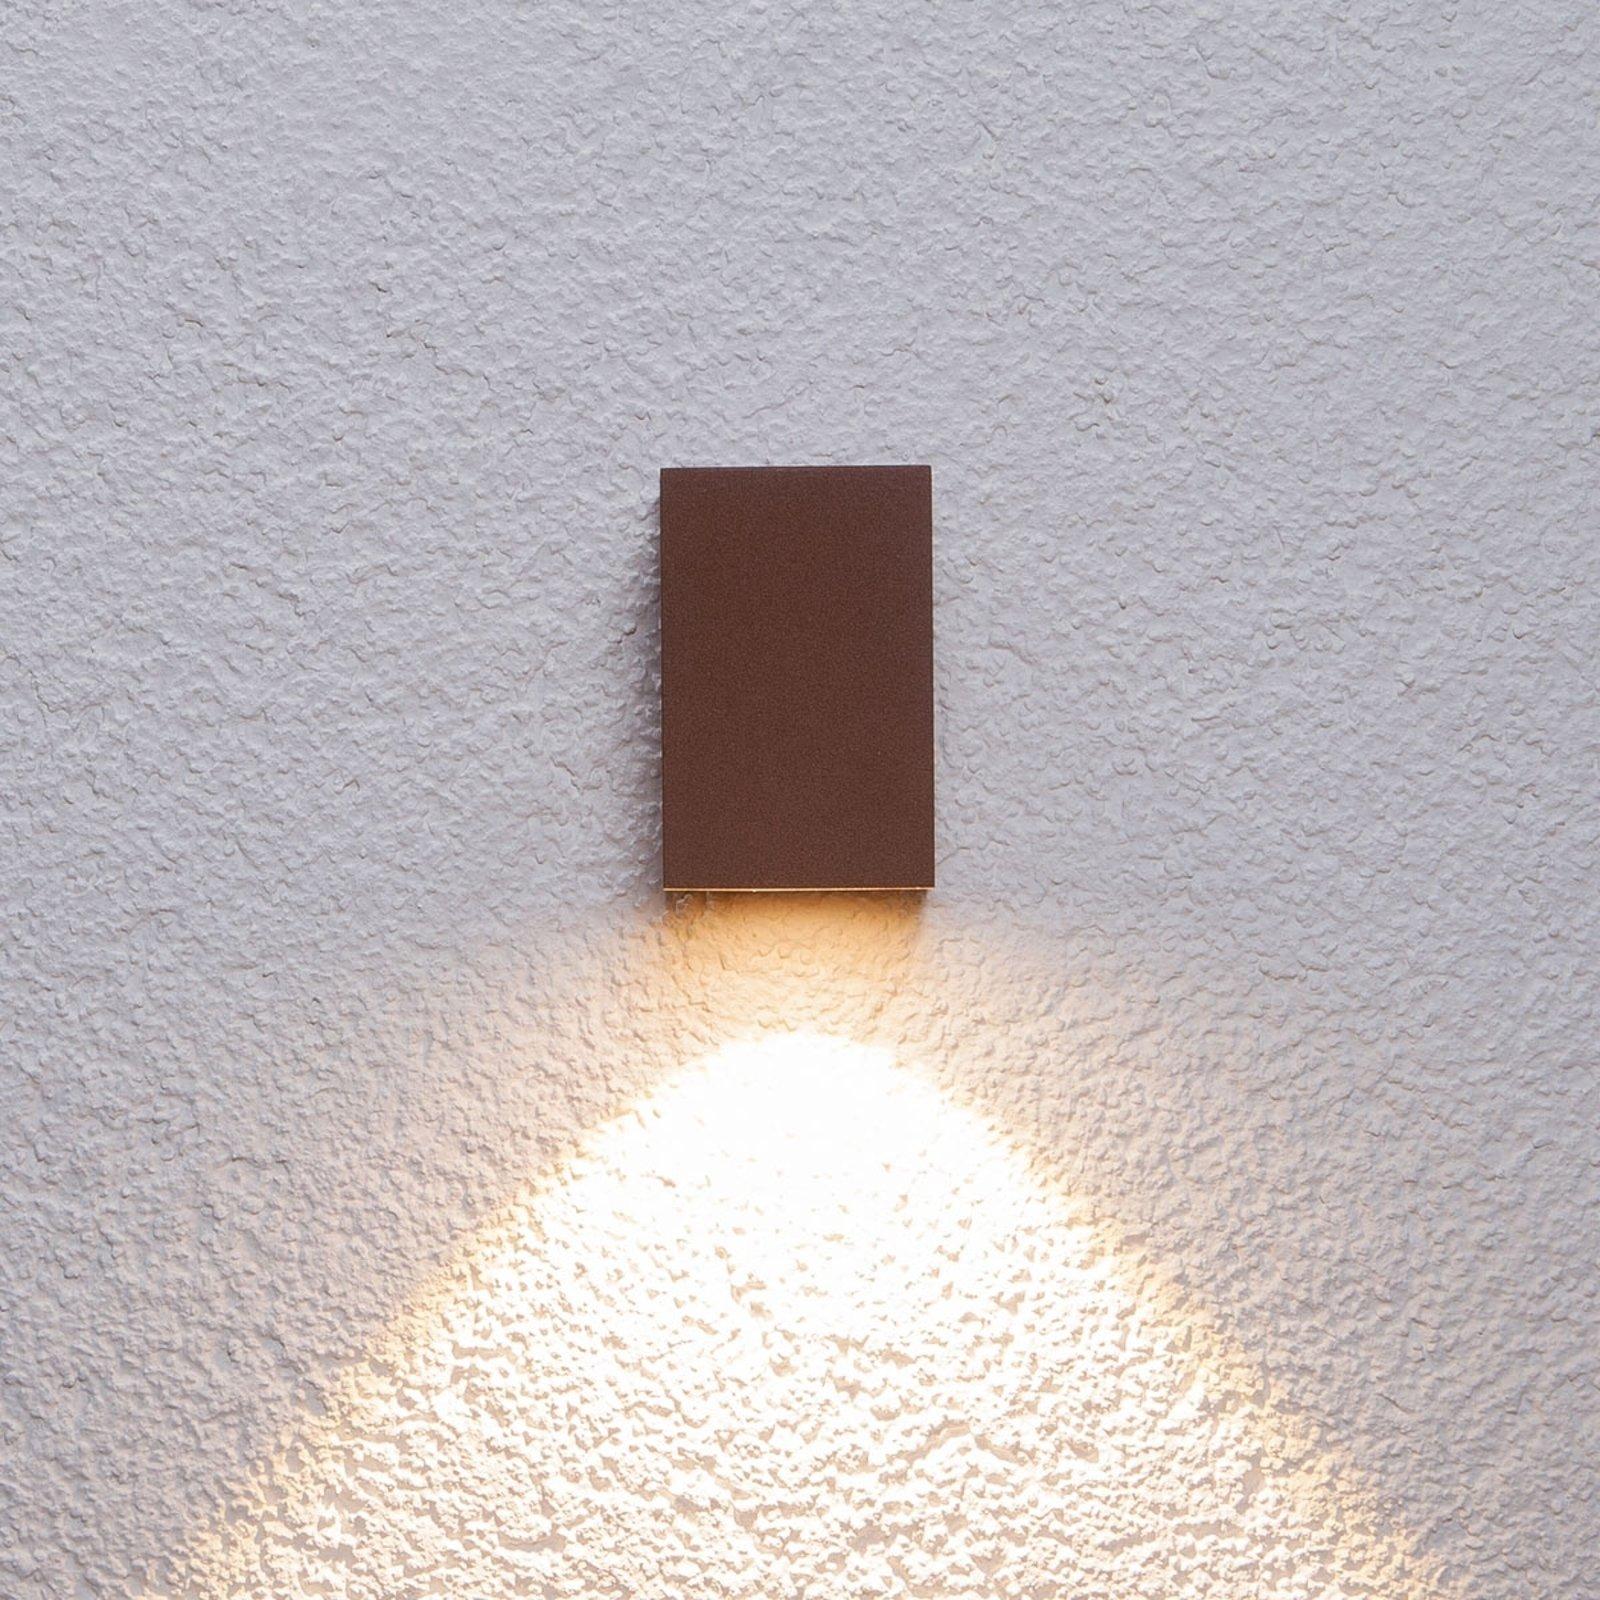 Rustbrun Tavi utendørs LED-vegglampe, 9,5 cm